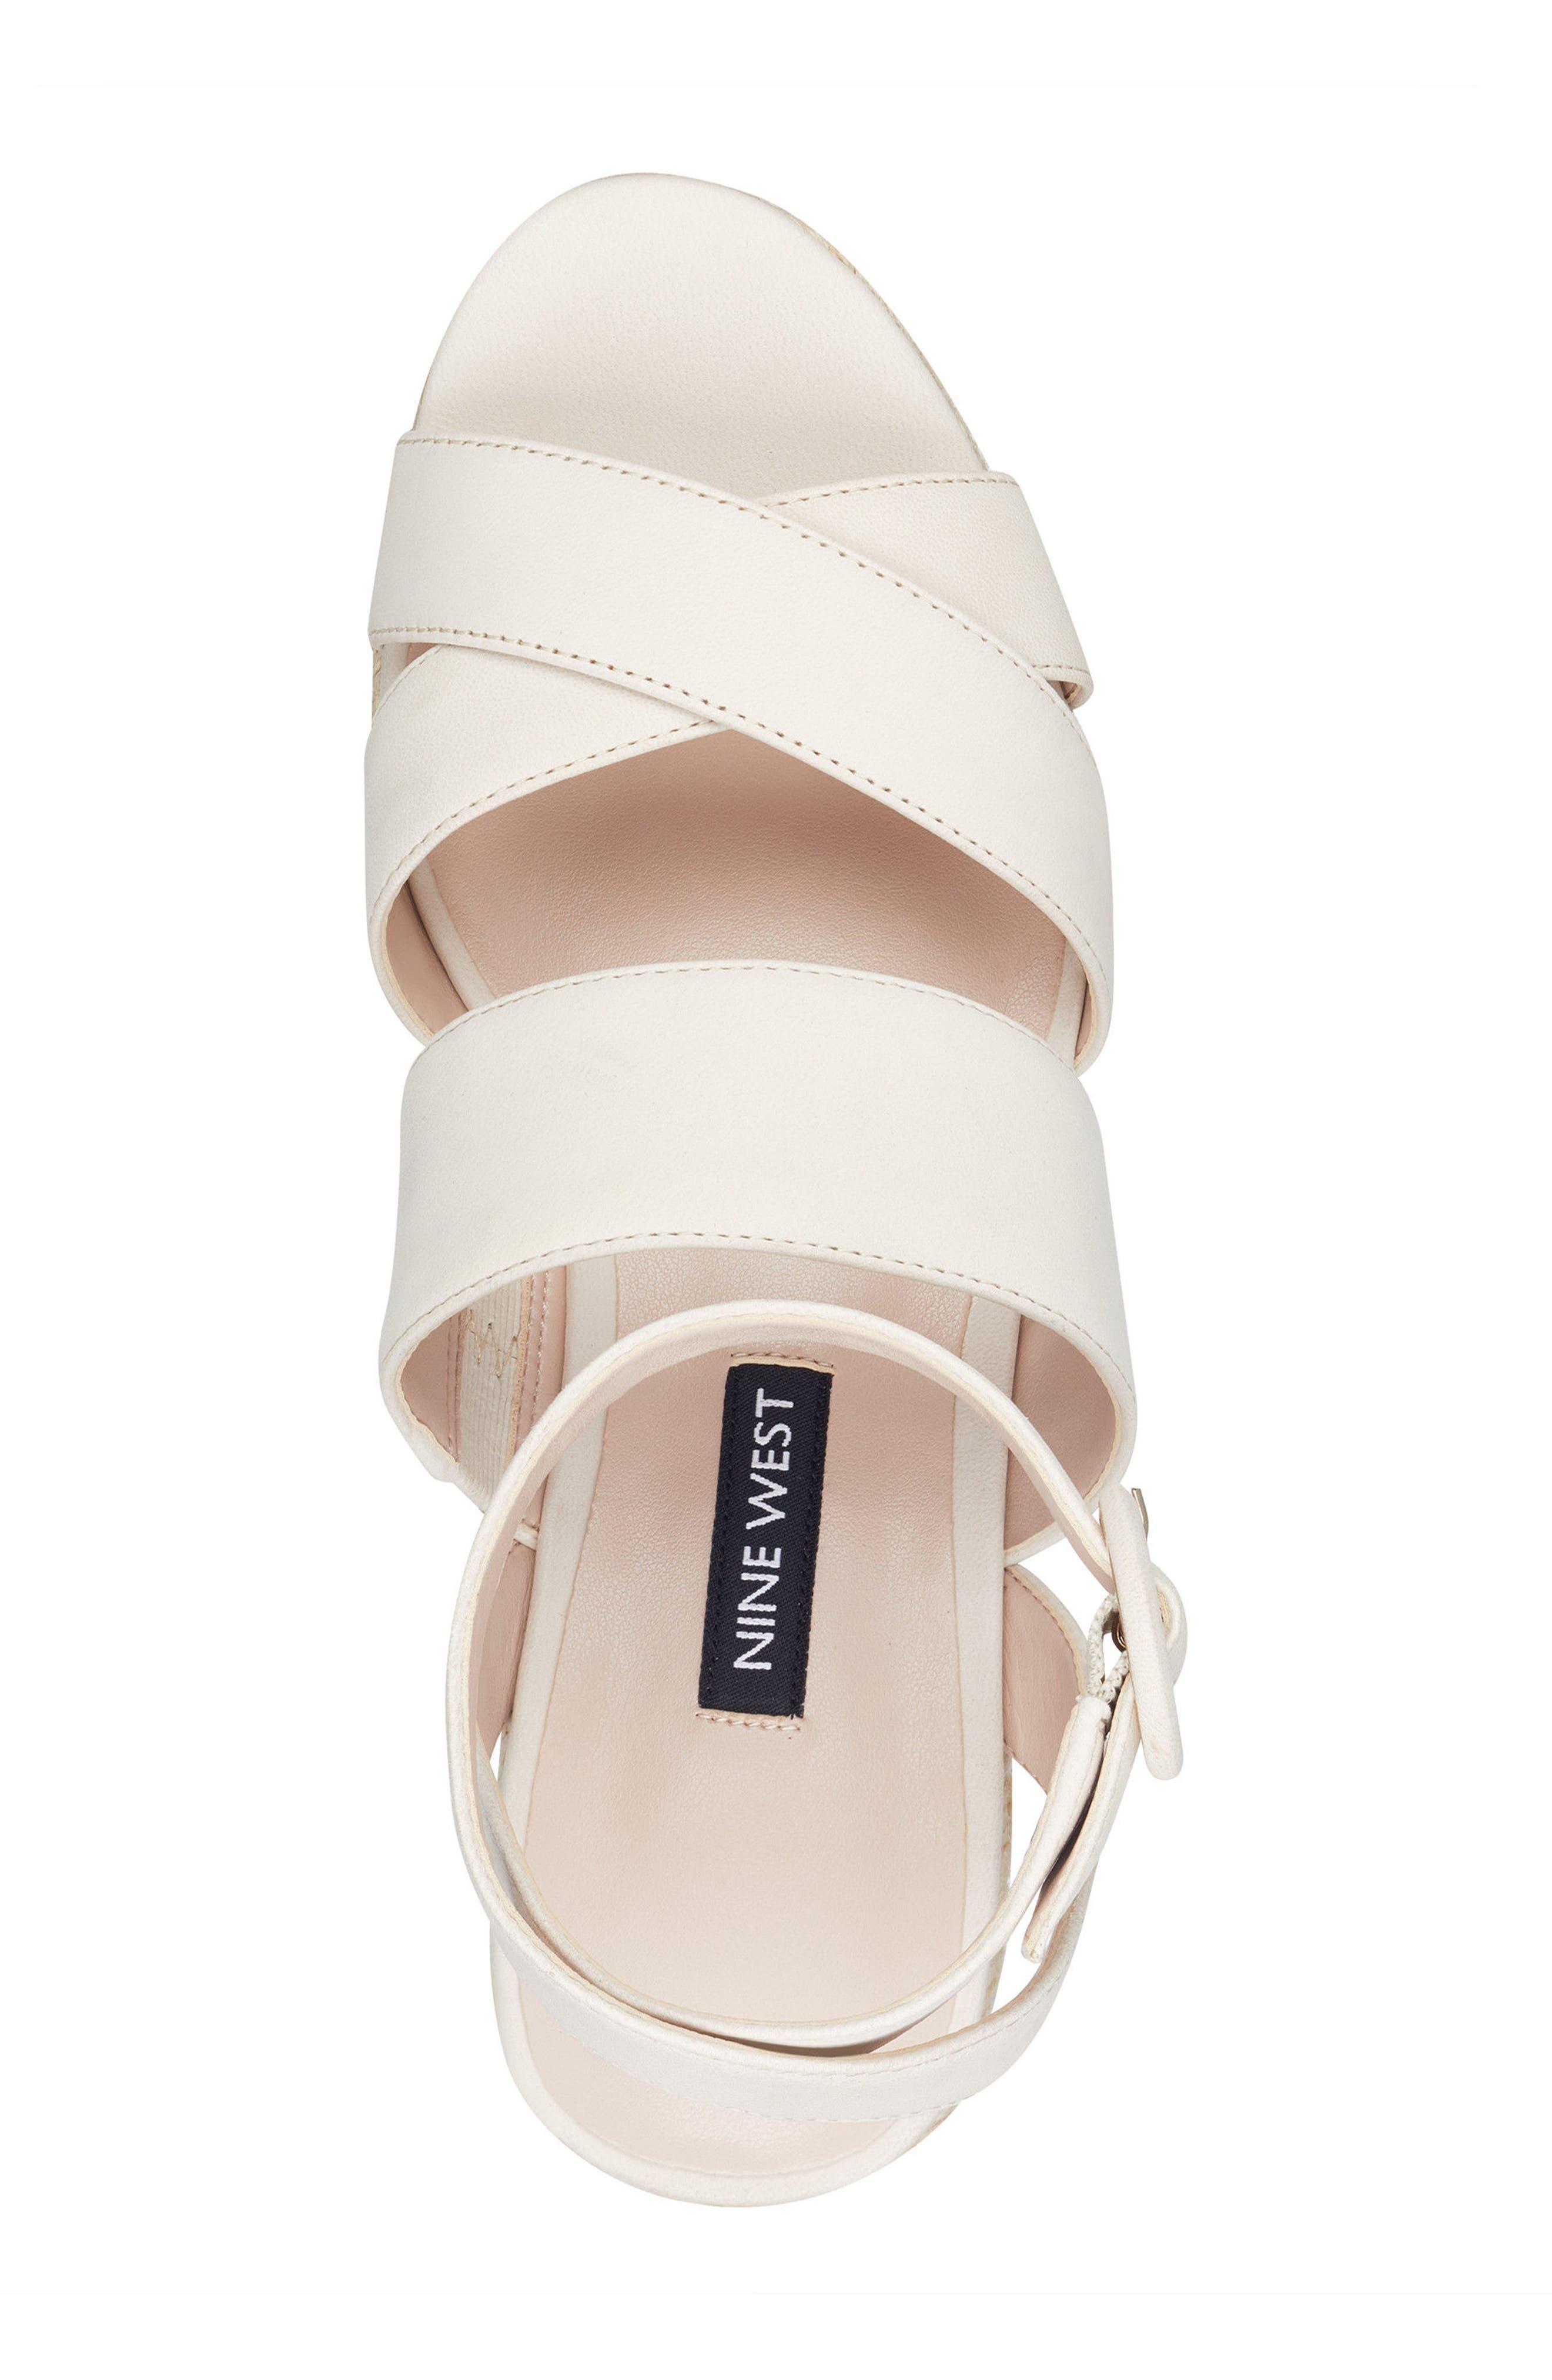 Kushala Espadrille Platform Wedge Sandal,                             Alternate thumbnail 5, color,                             OFF WHITE LEATHER